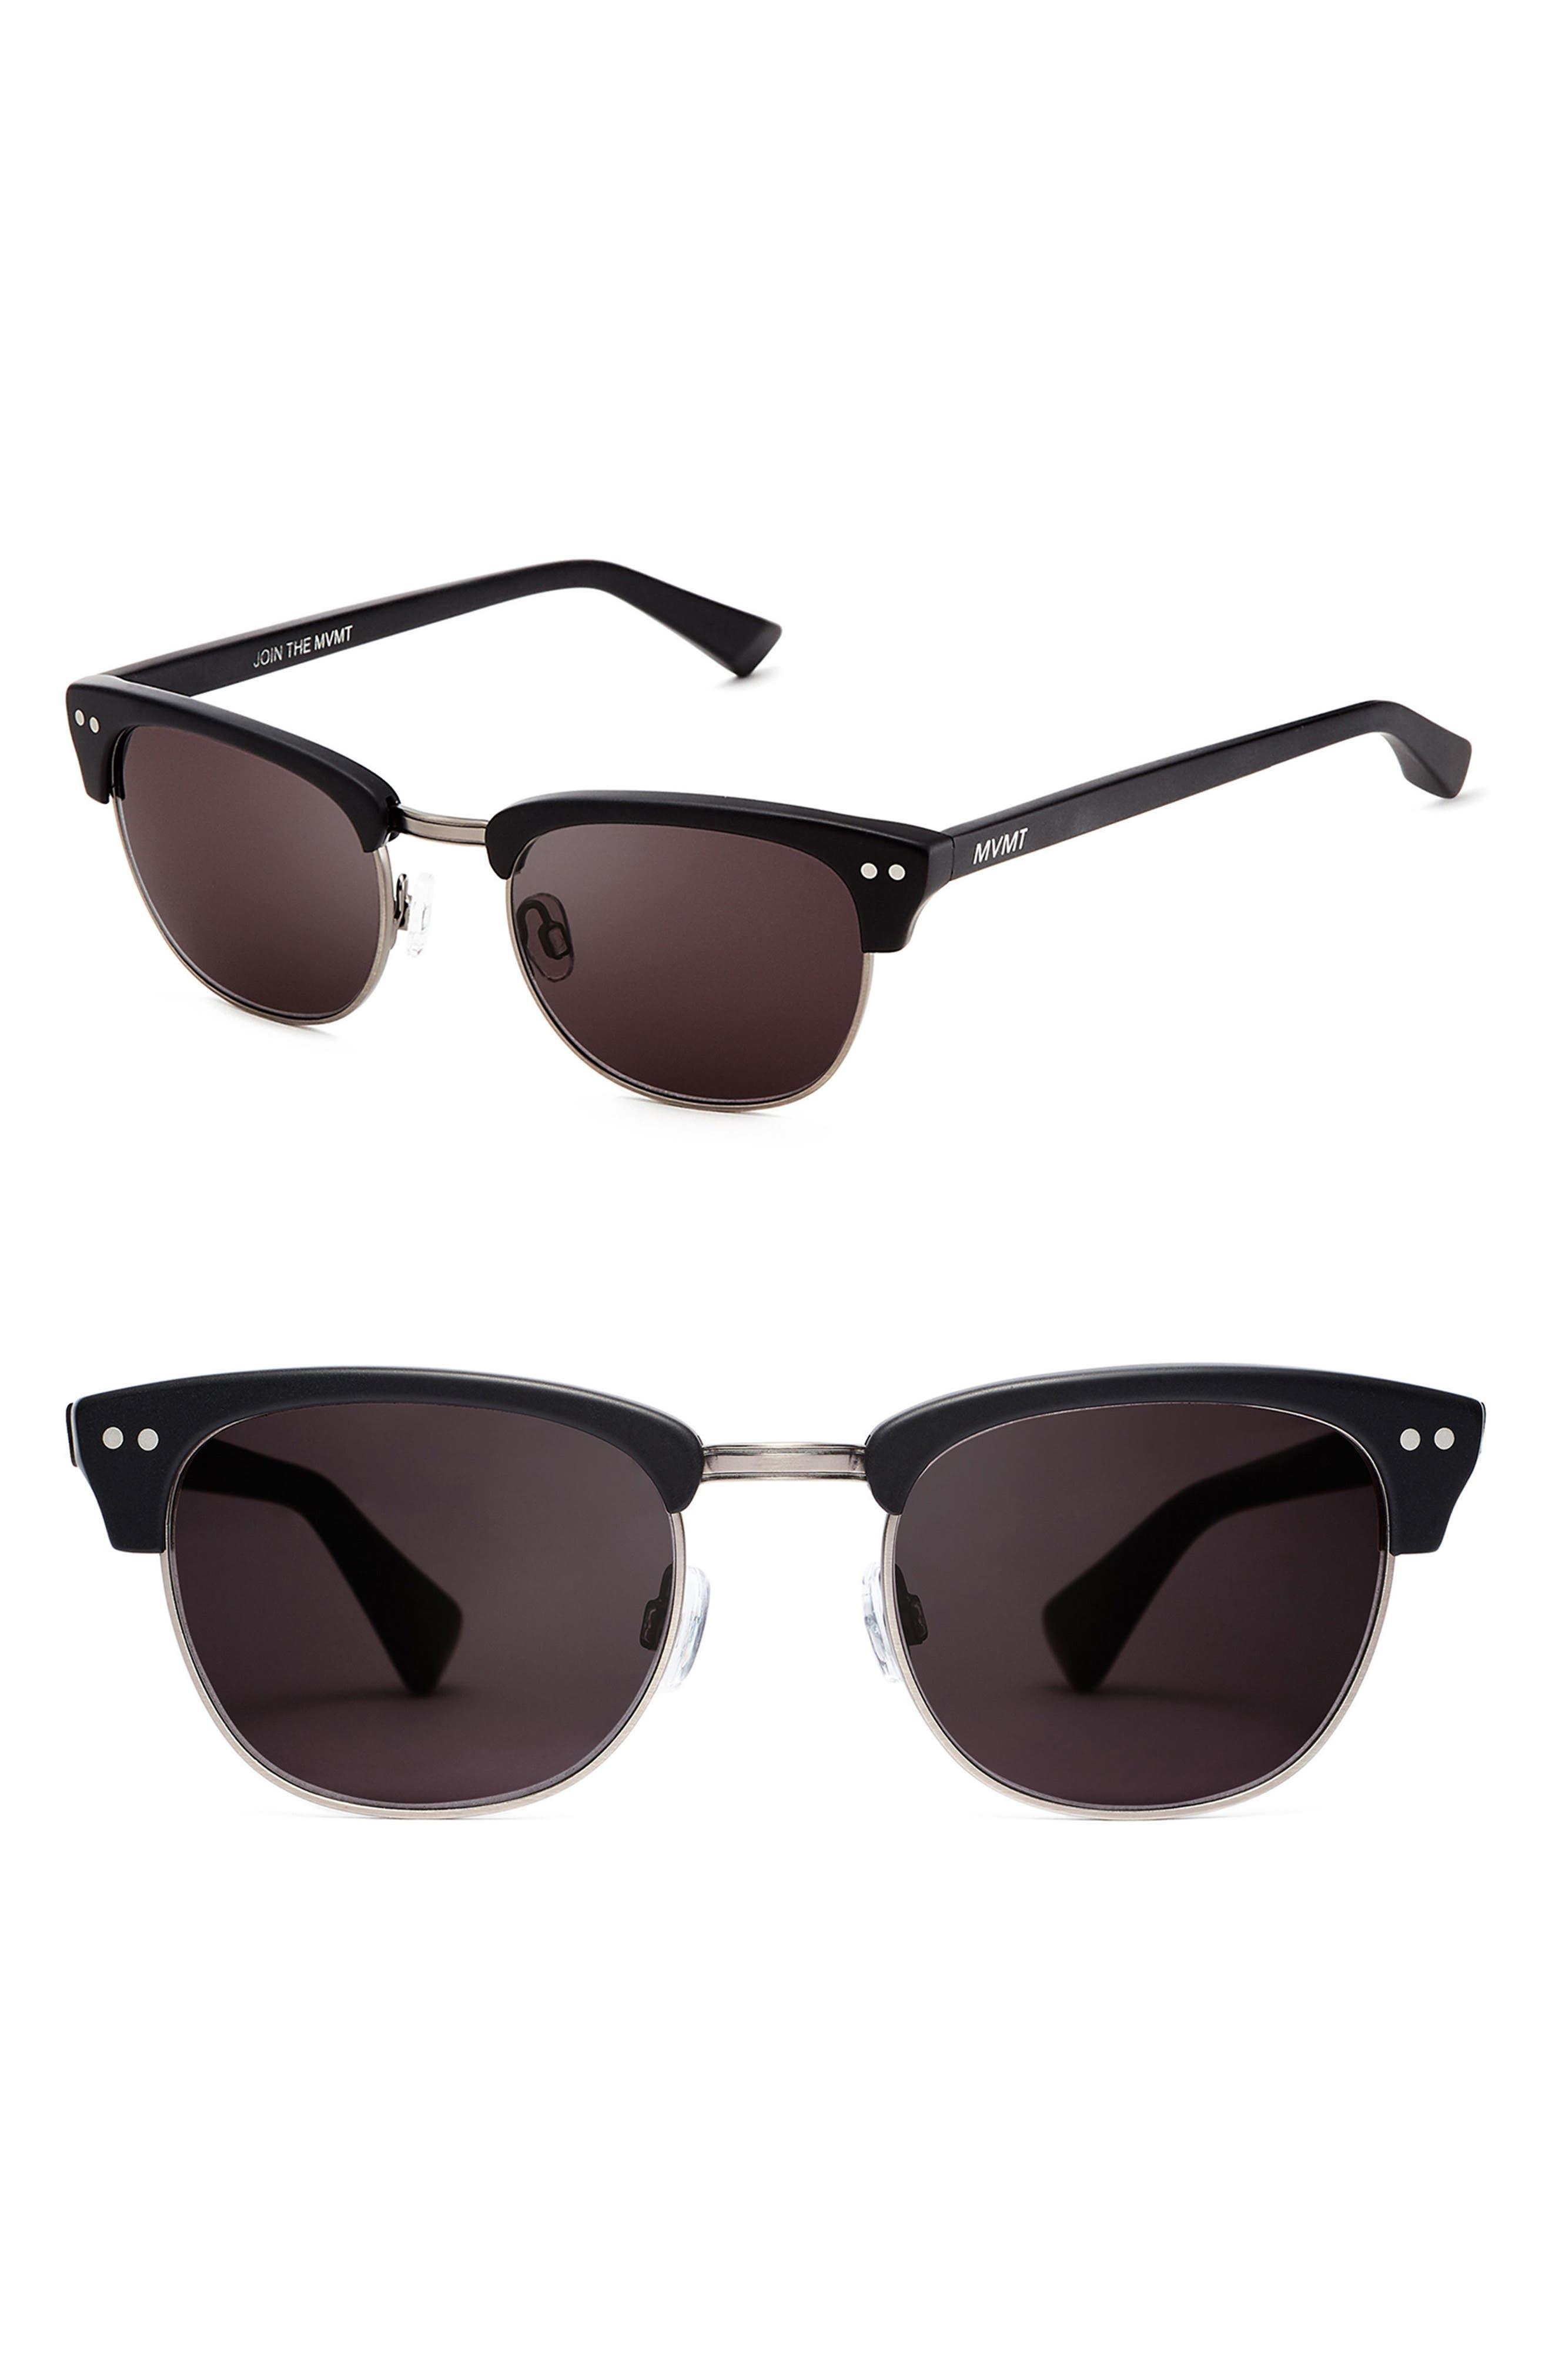 Legend 49mm Sunglasses,                             Main thumbnail 1, color,                             MATTE BLACK